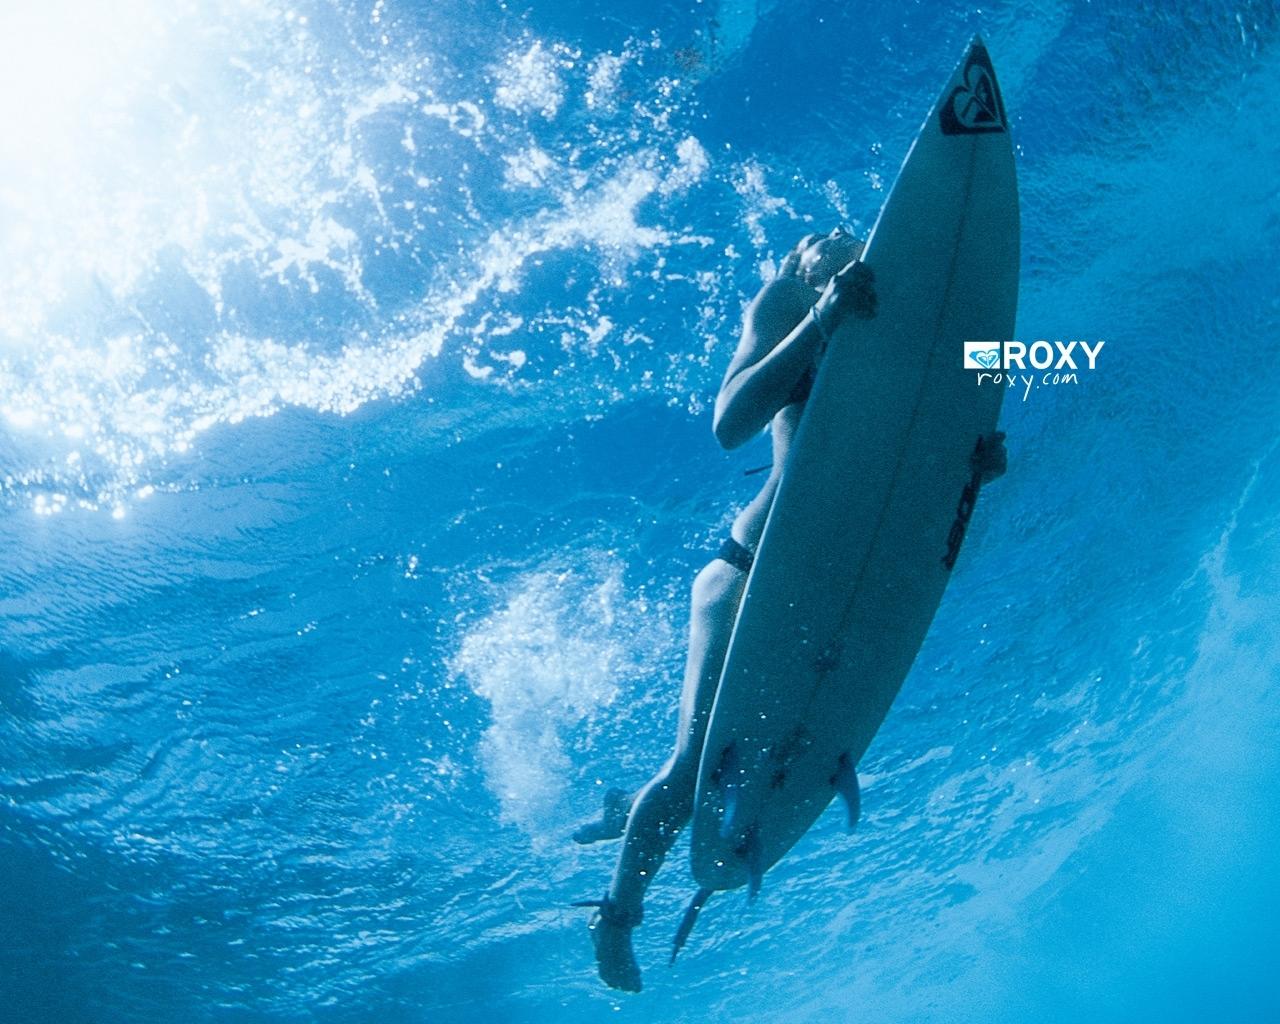 Roxy surfing   Roxy Wallpaper 921835 1280x1024